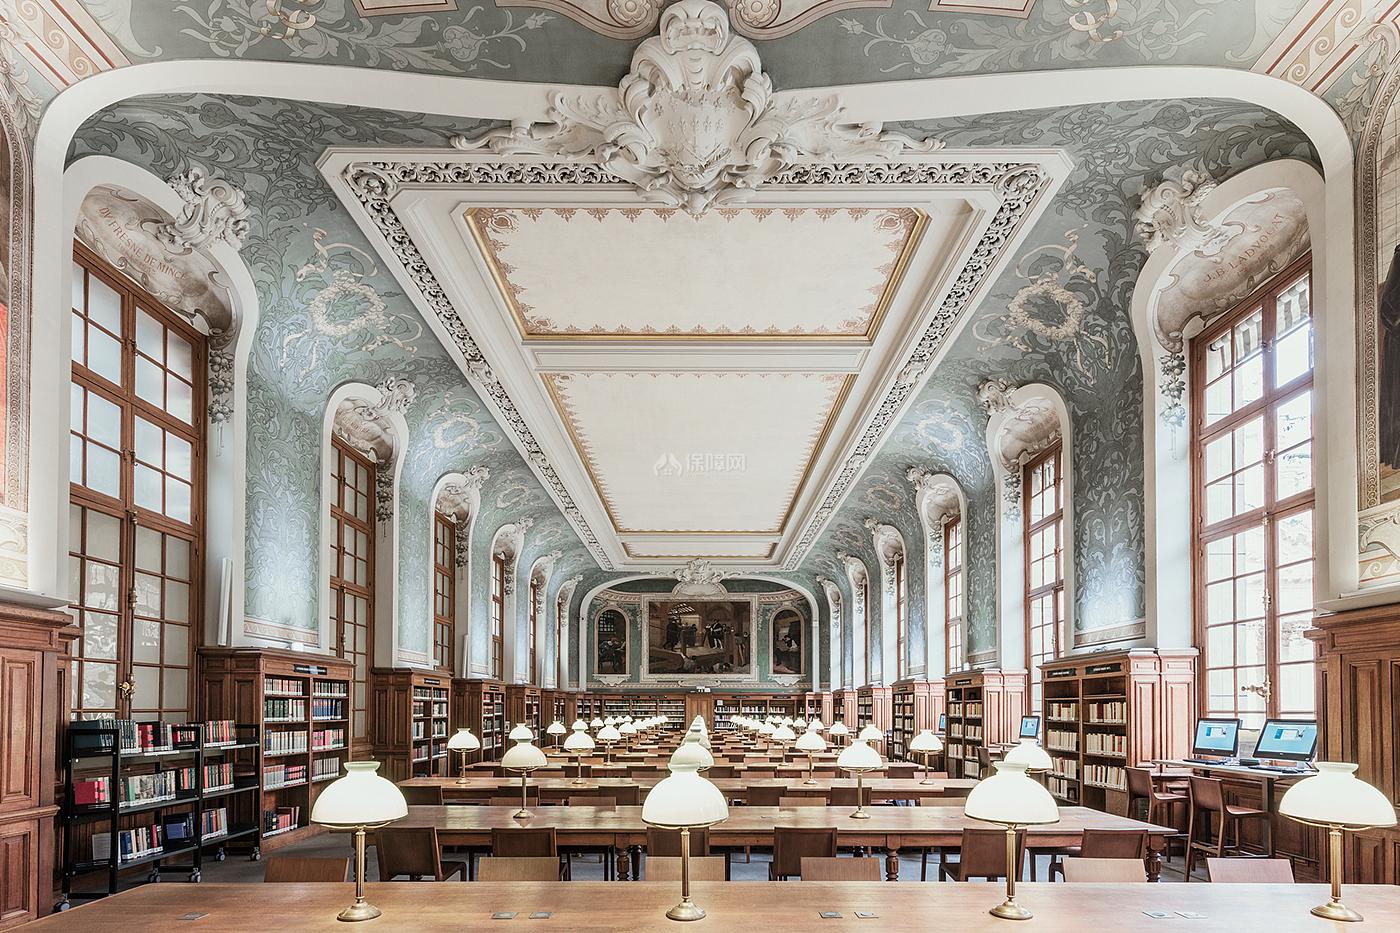 阶梯教室文化场馆之阅读区装修设计效果图